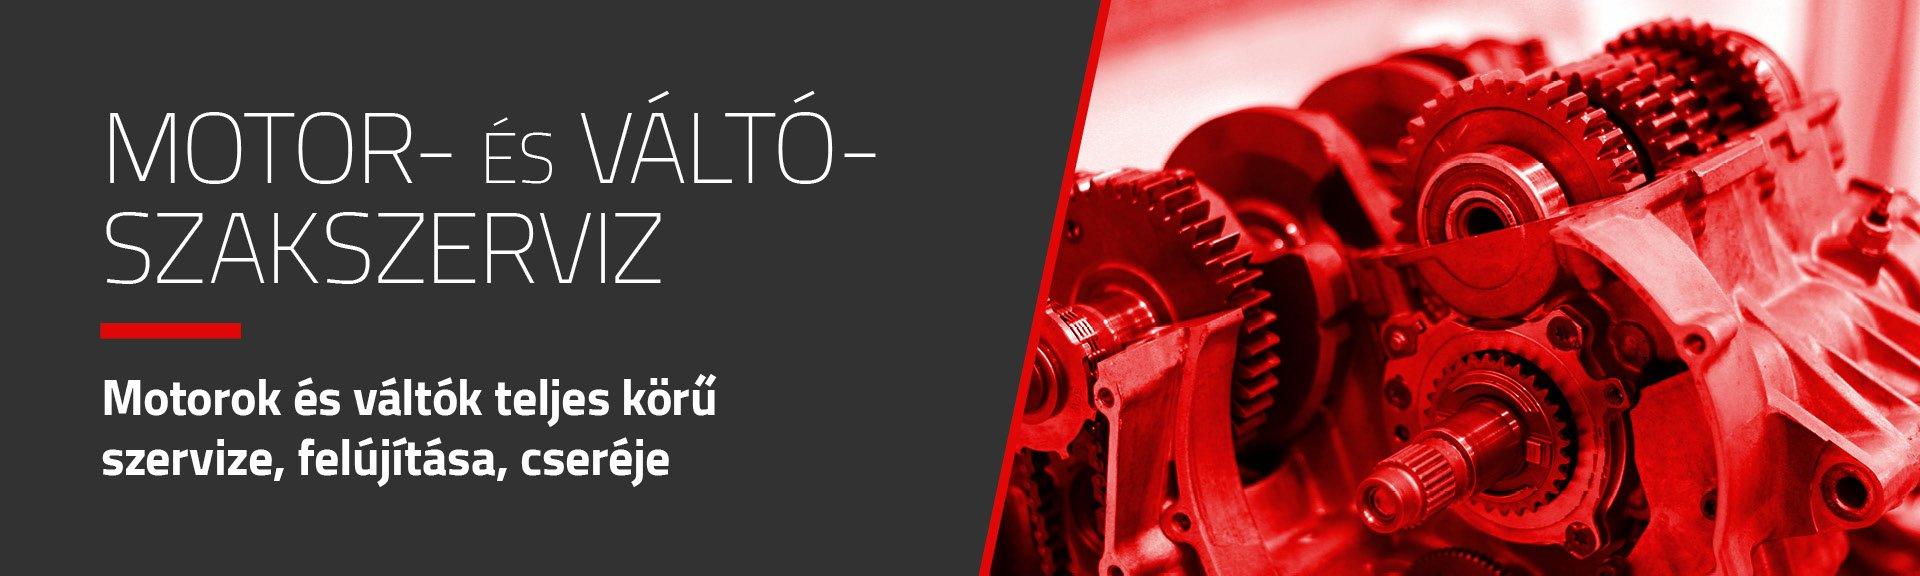 MOTOR- ÉS VÁLTÓ-SZAKSZERVIZ Motorok és váltók teljes körű szervize, felújítása, cseréje